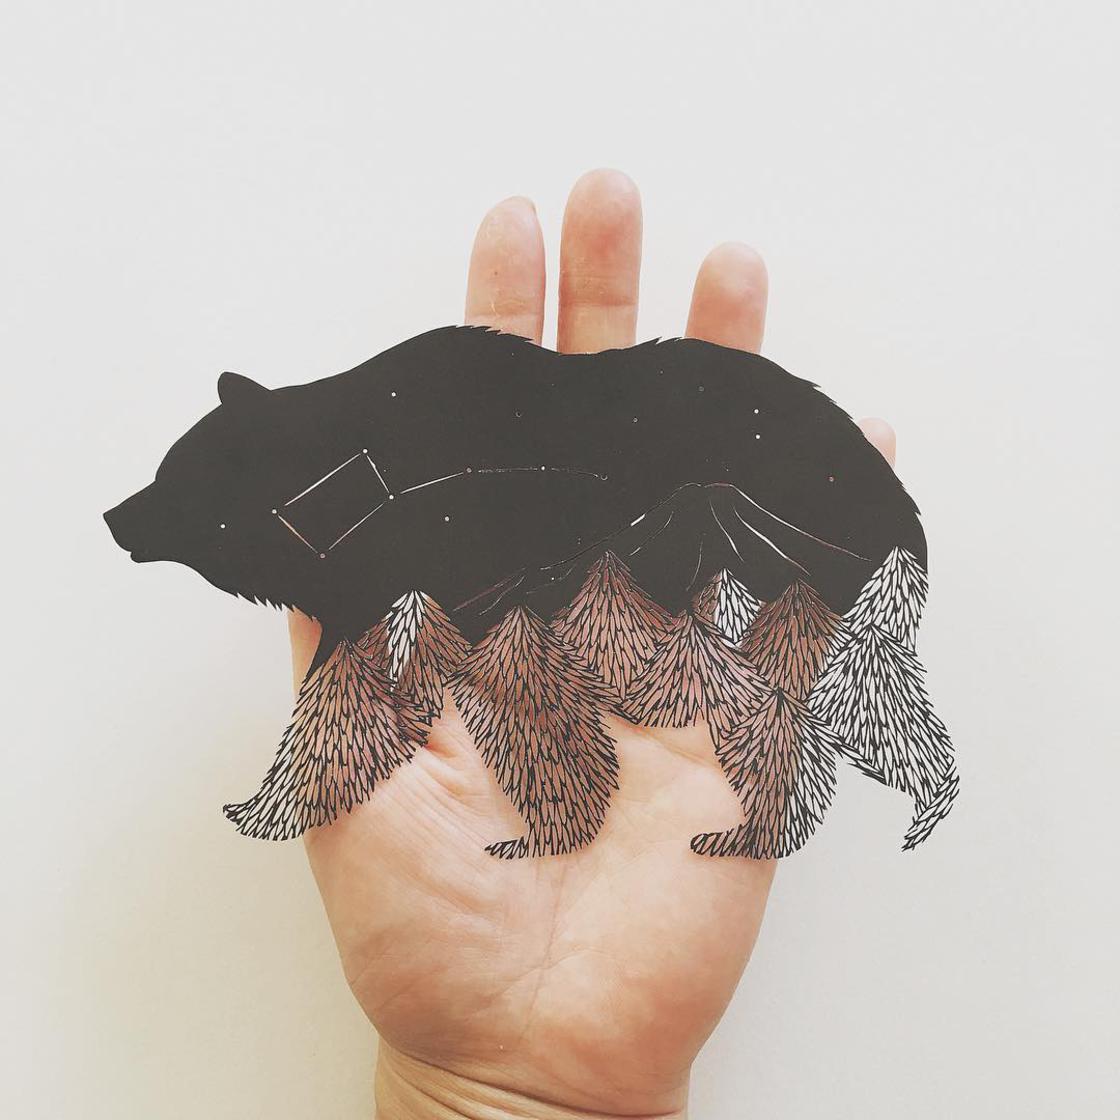 Kağıt Sanatıyla Vahşi Yaşam